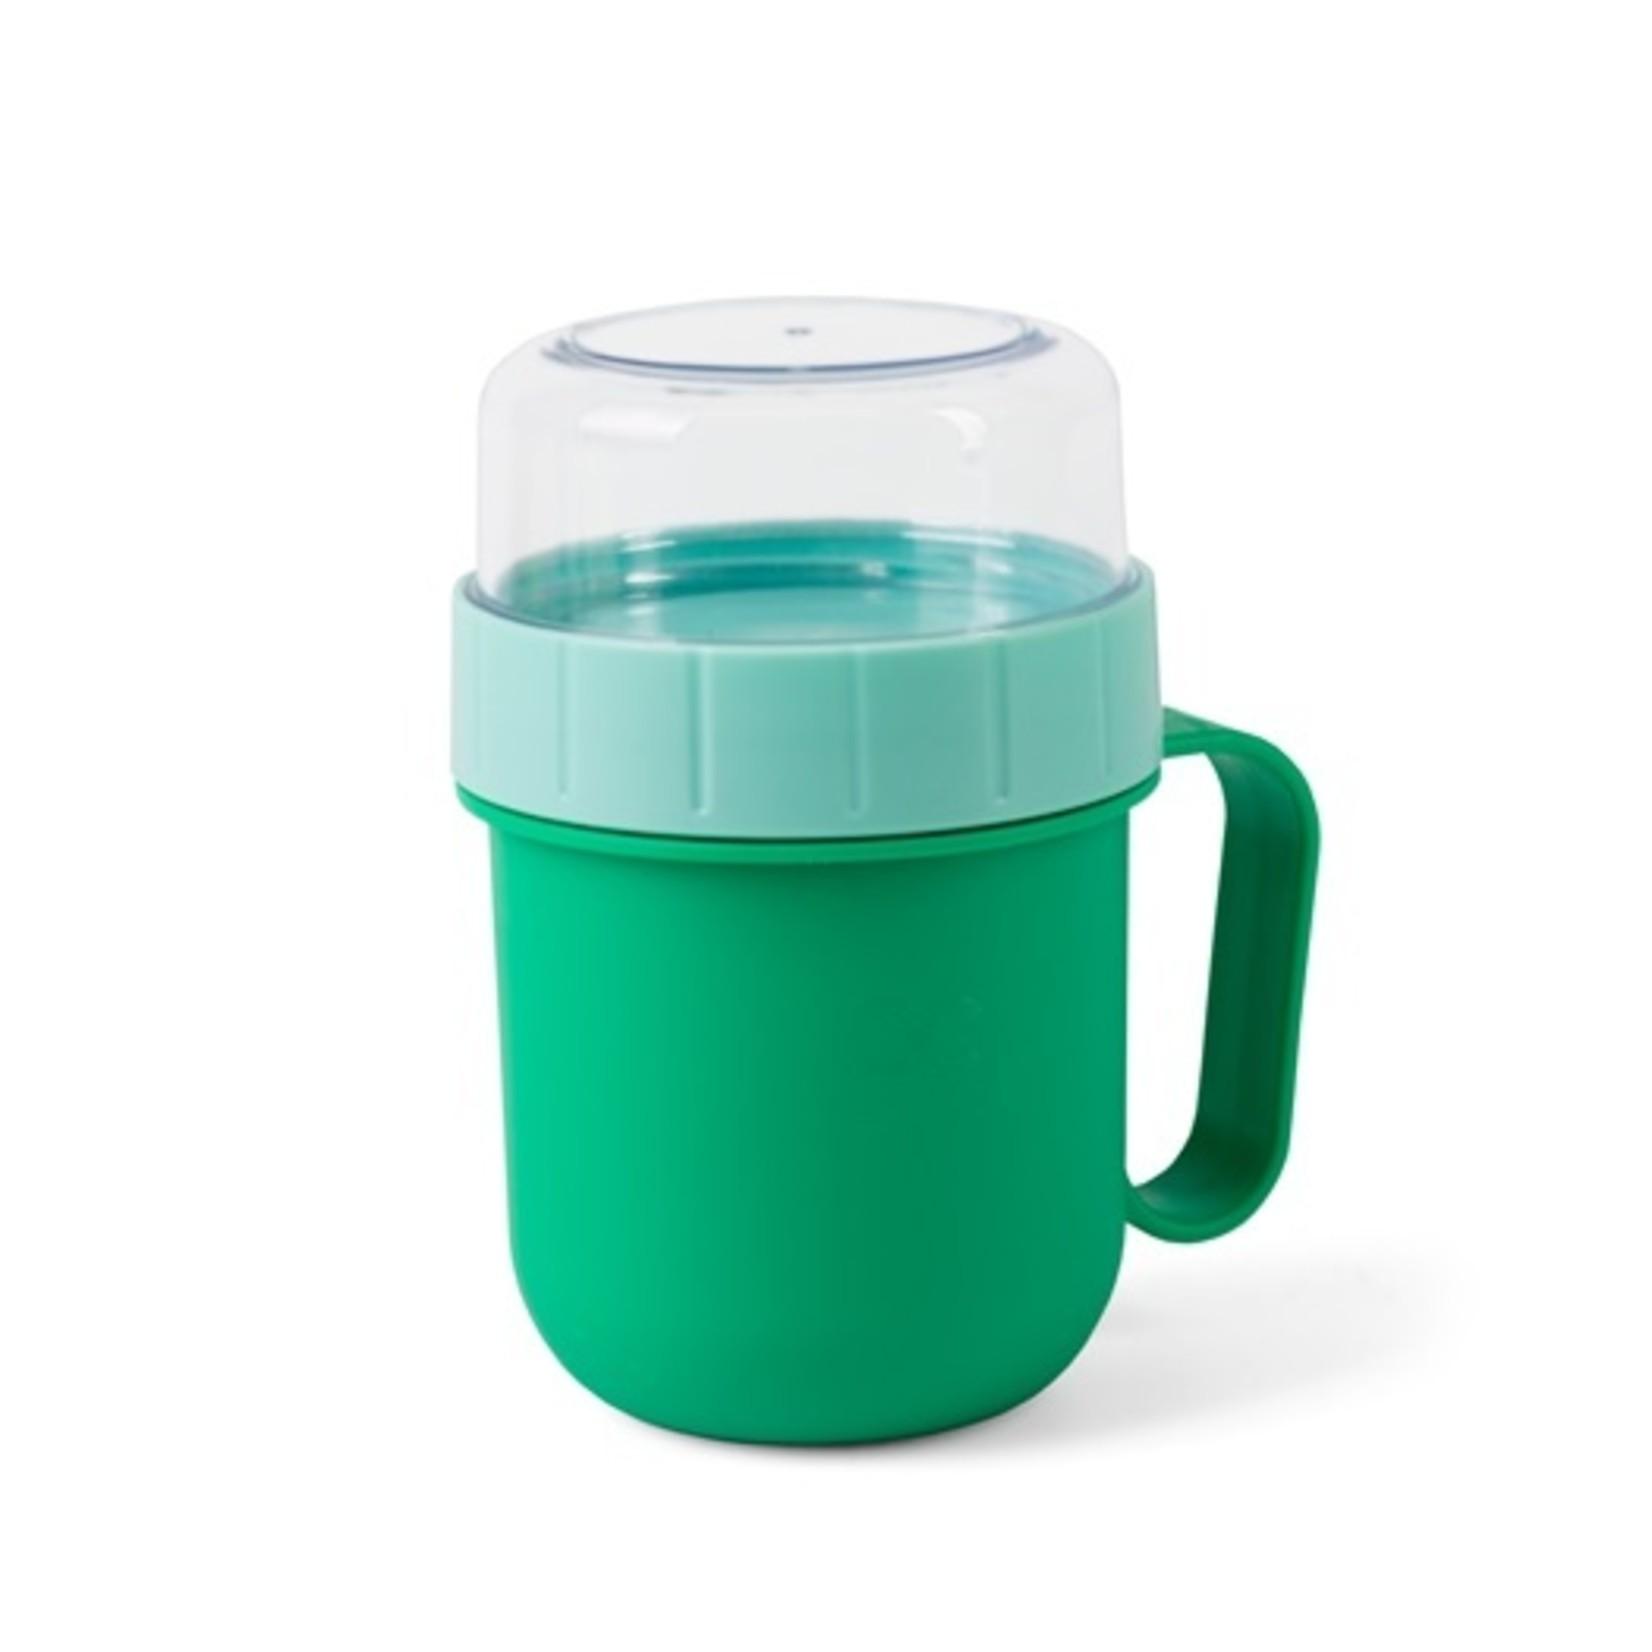 Lunch mug on the go